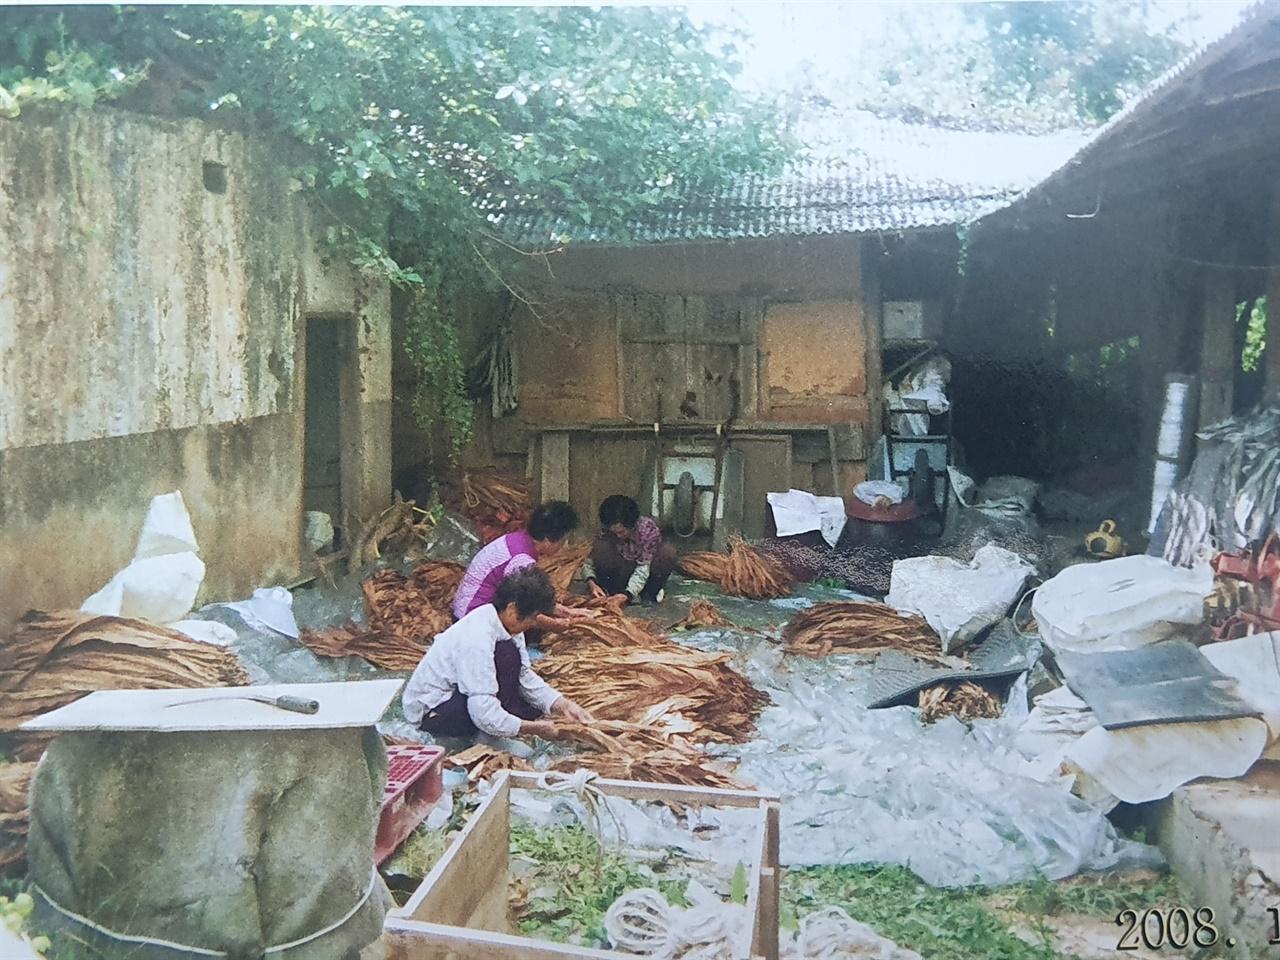 지난 2008년에 촬영한 담배농사를 짓고 있는 주민들